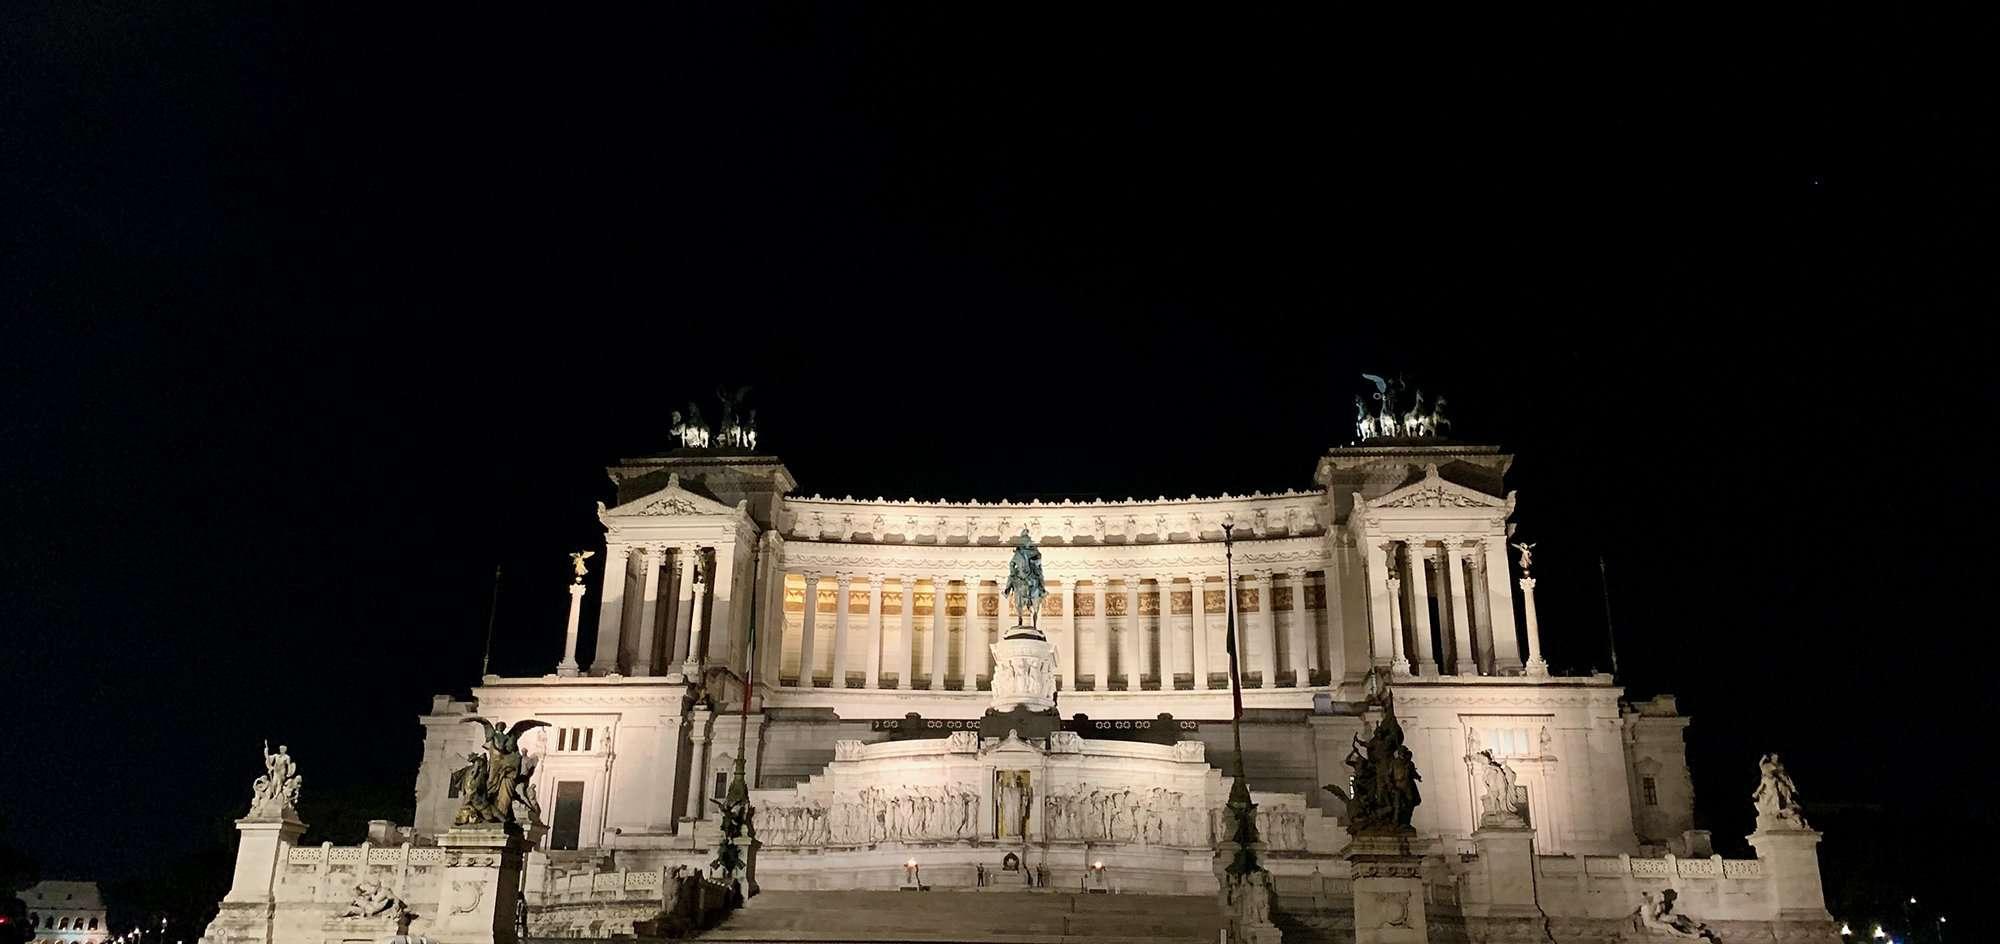 Altare della Patria gravel tour Siena Rome